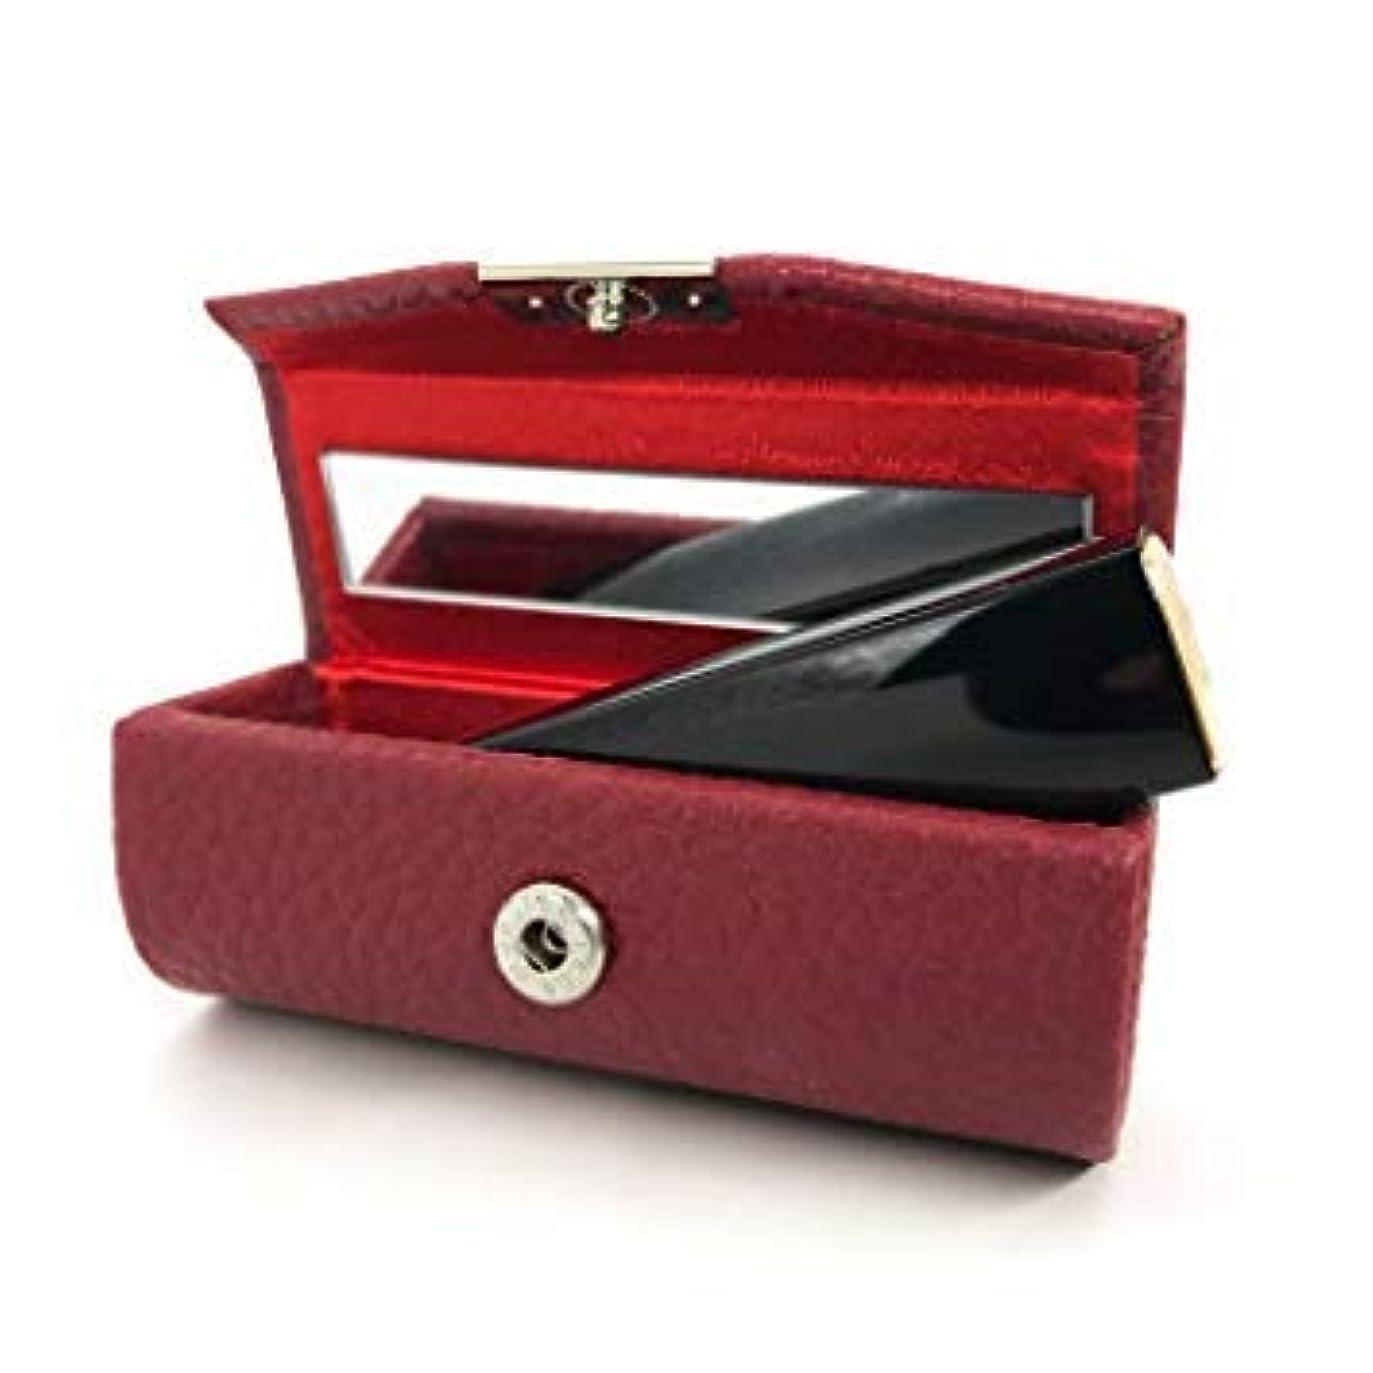 細断ジョットディボンドン擬人口紅ホルダー 収納ボックス リップスティックケース レザー ミラー付き